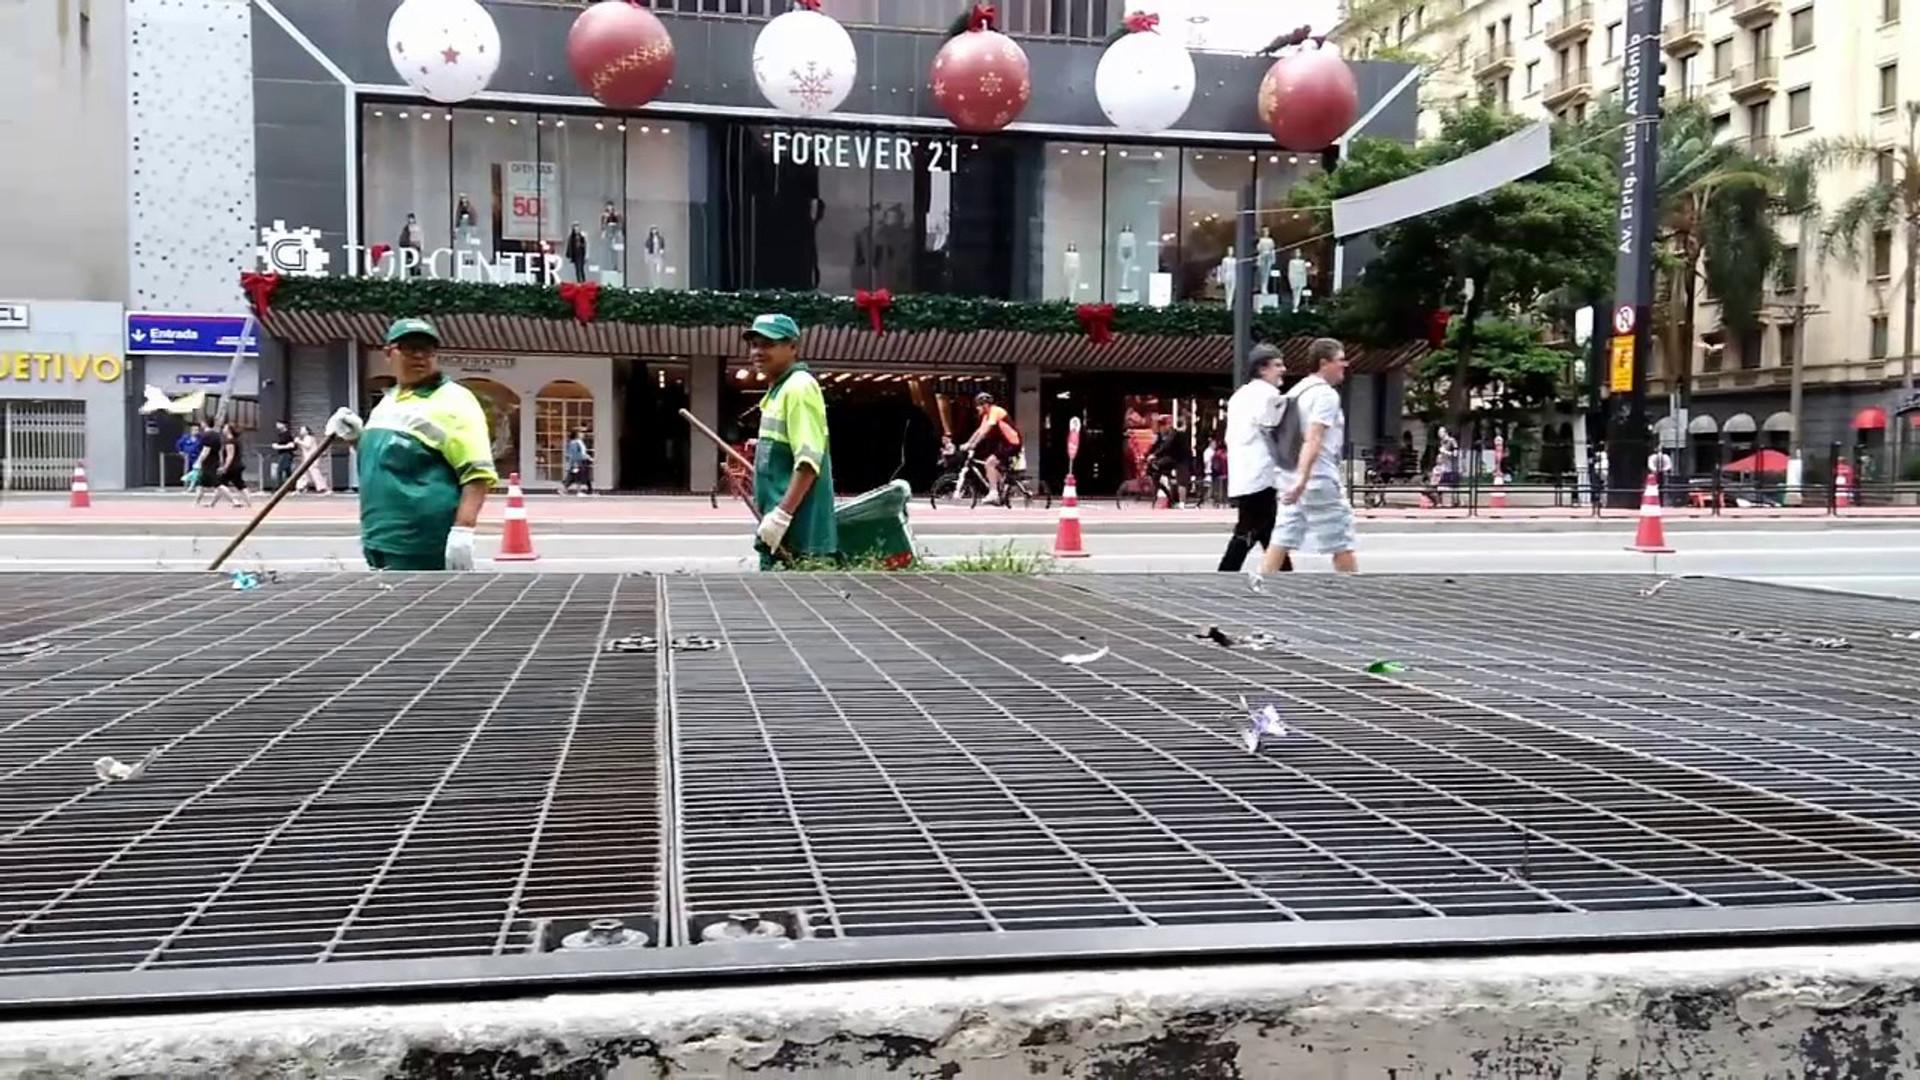 Objetos Flutuantes Urbanos